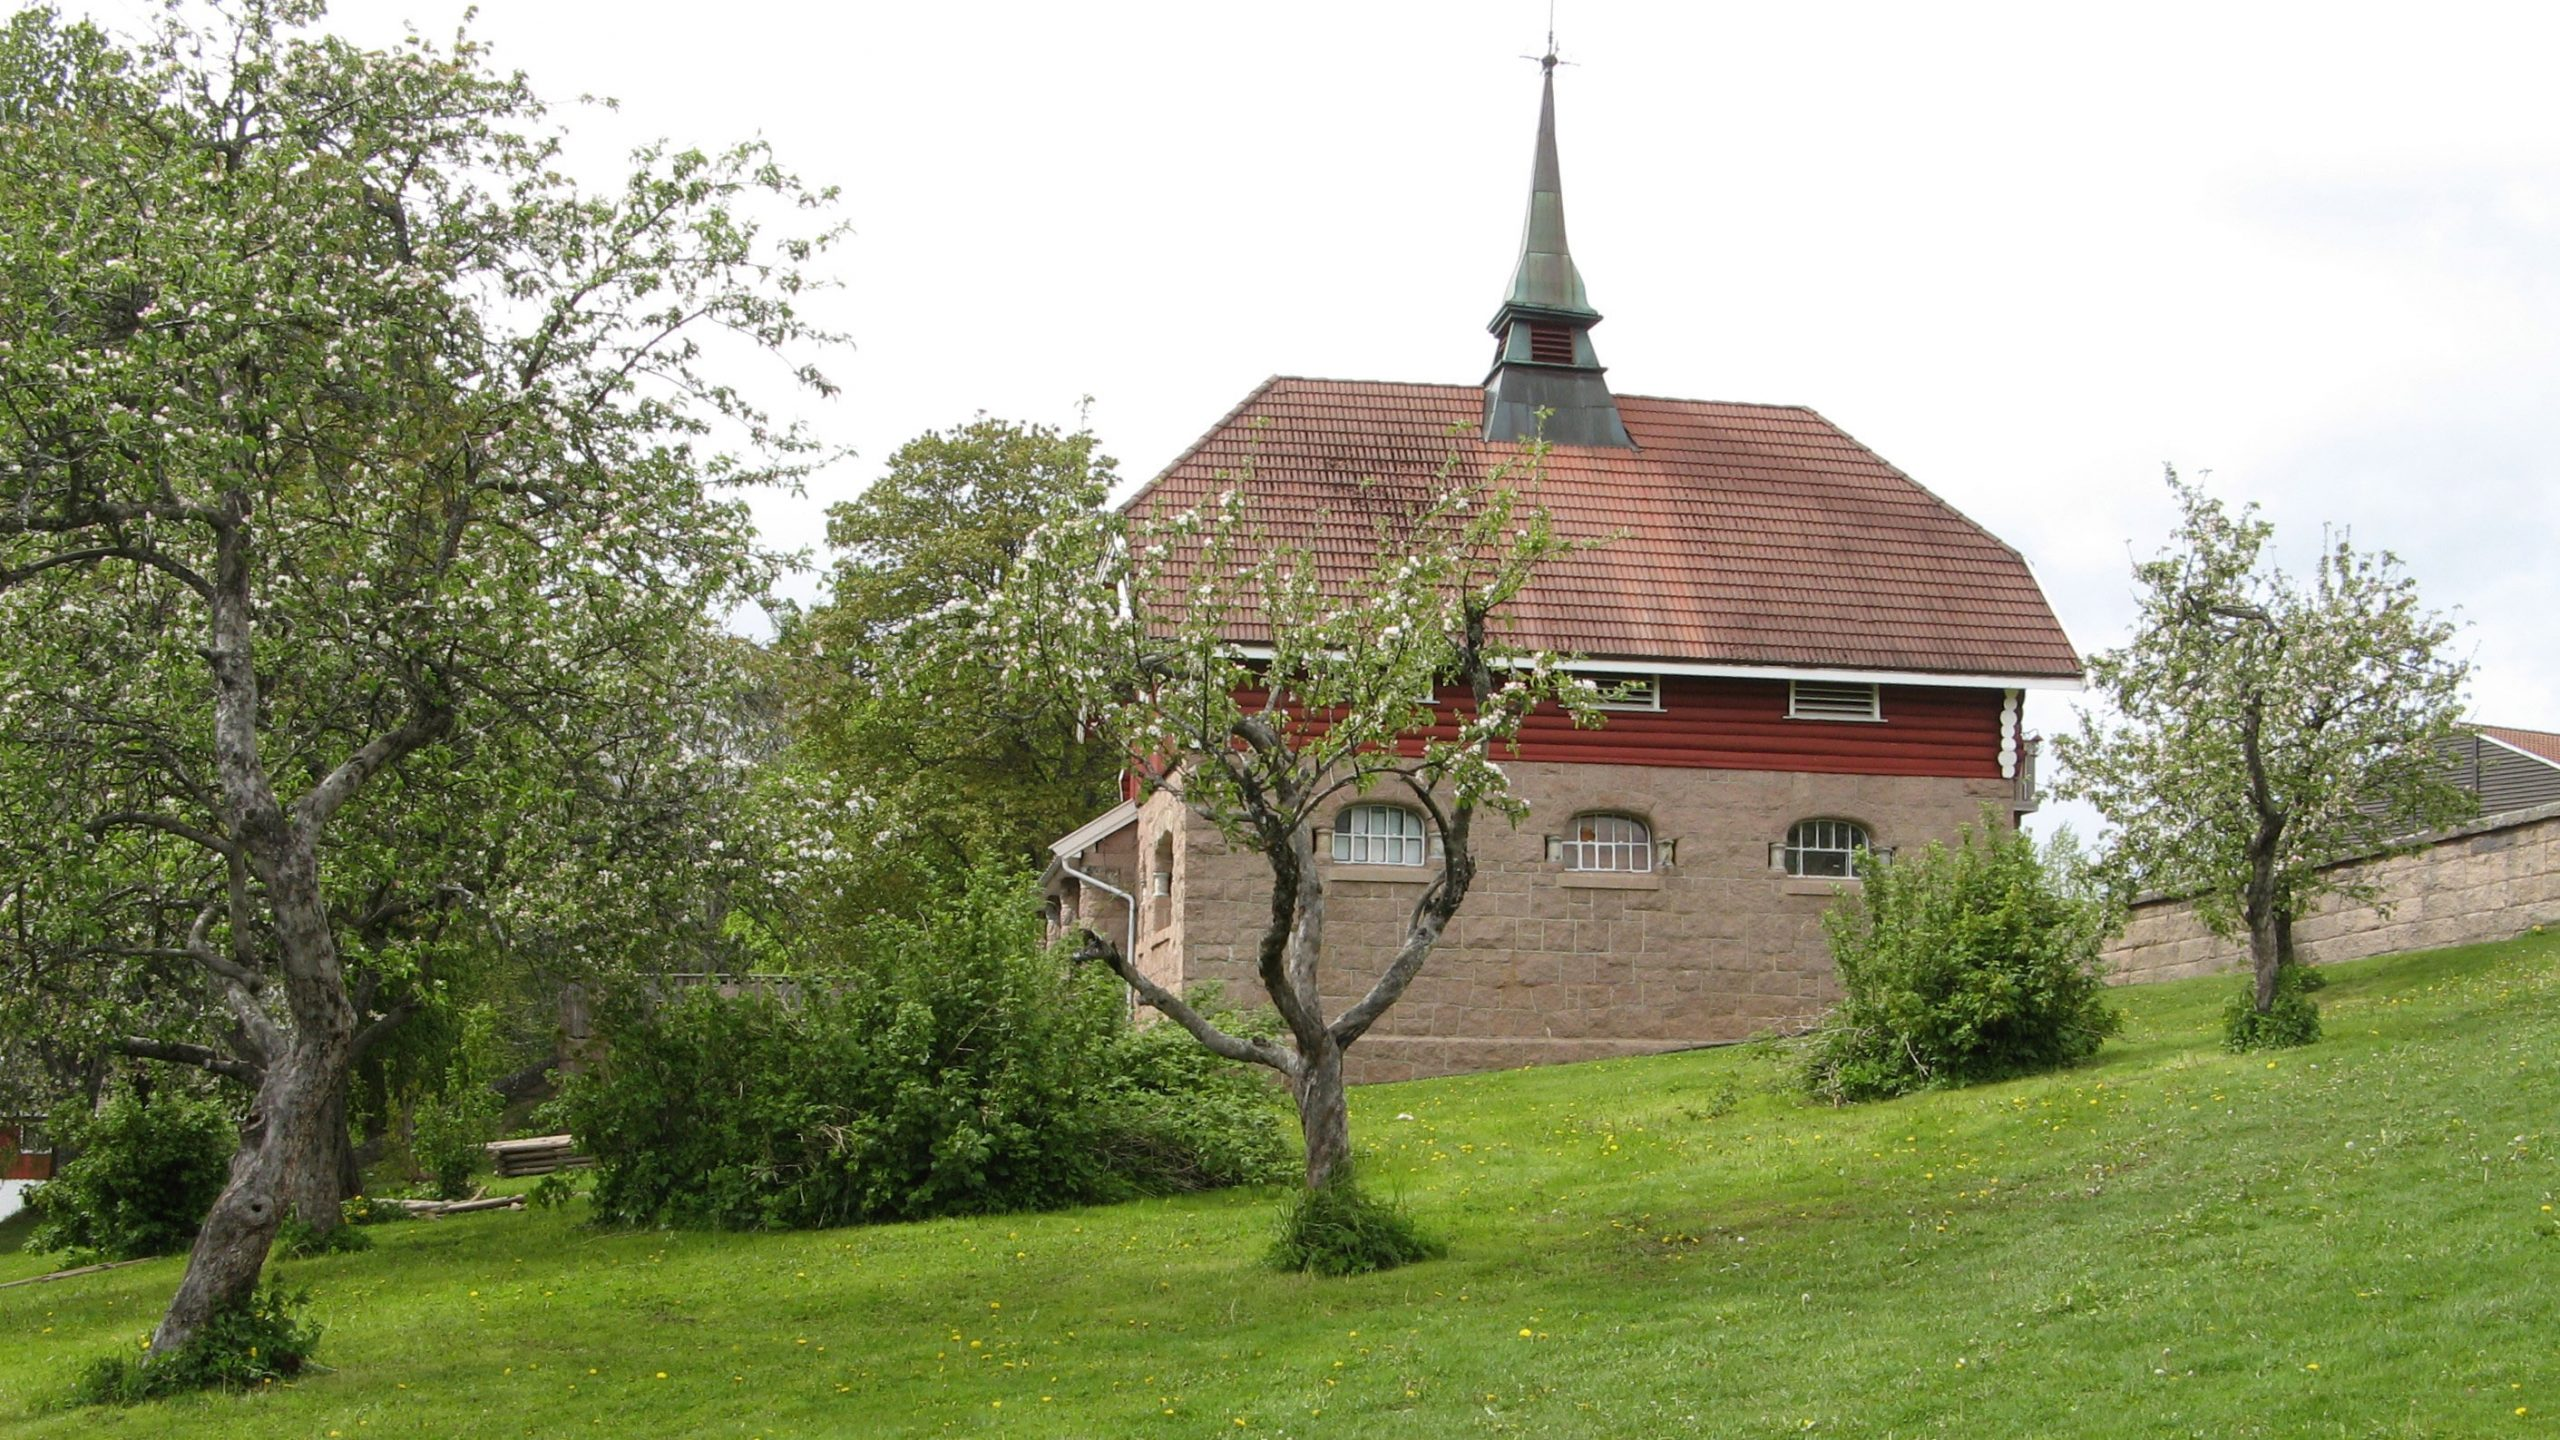 Bilde av Solheim Stallen. Foto: Mette Eggen, Riksantikvaren